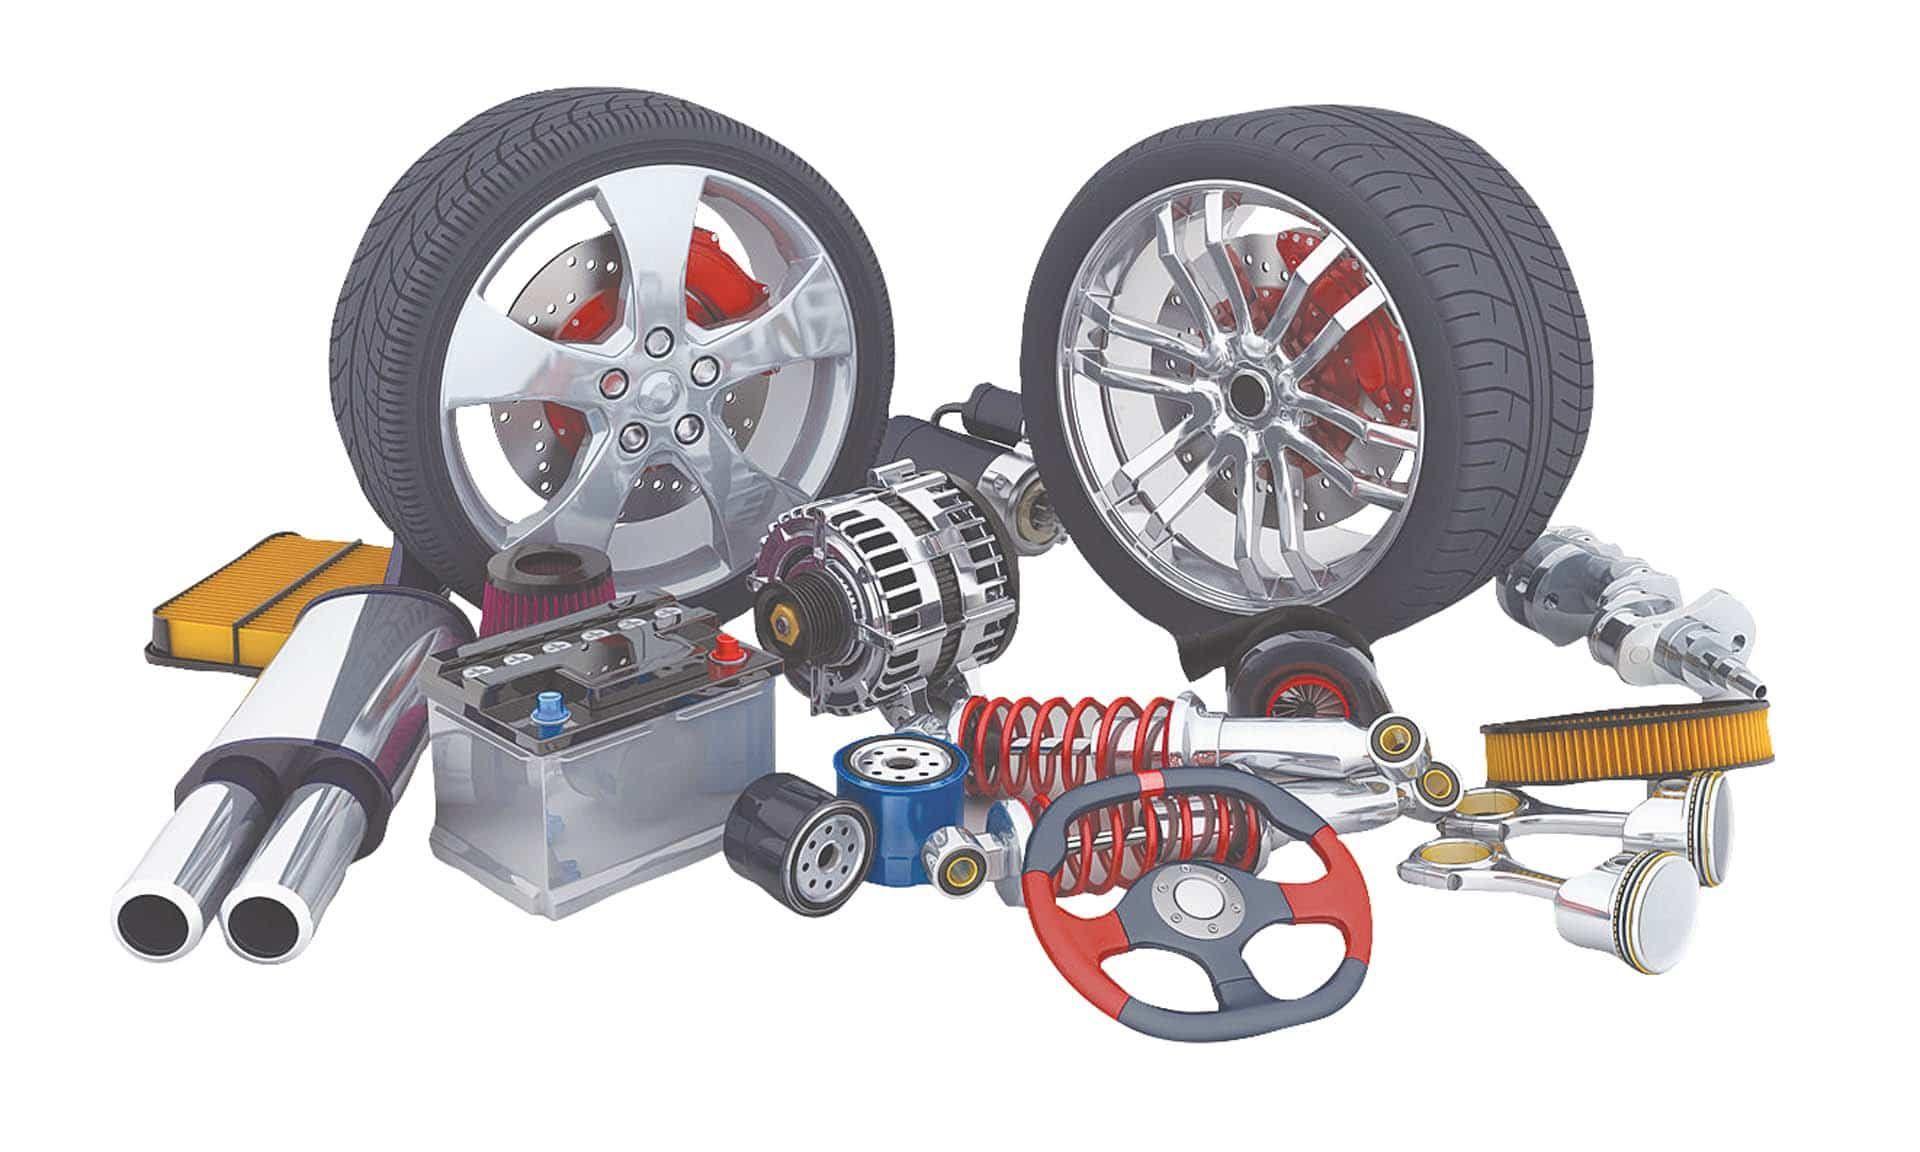 تعرفوا على أهم 7 شركات استيراد وتصدير قطع غيار السيارات فى مصر Quadcopter Vehicles Motorcycle